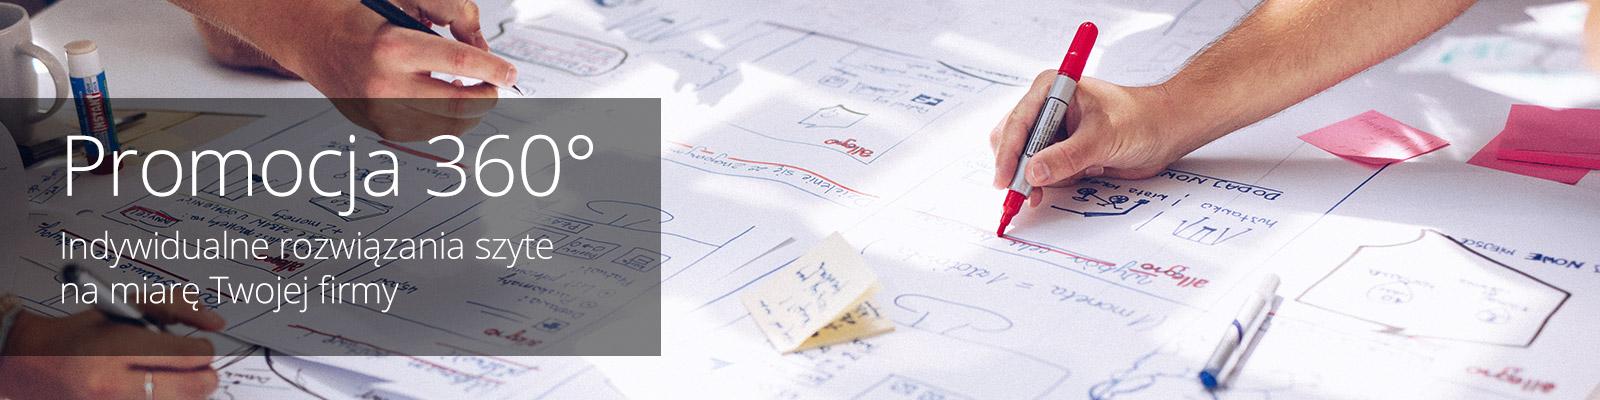 Promocja 360° Indywidualne rozwiązania szyte na miarę Twojej firmy